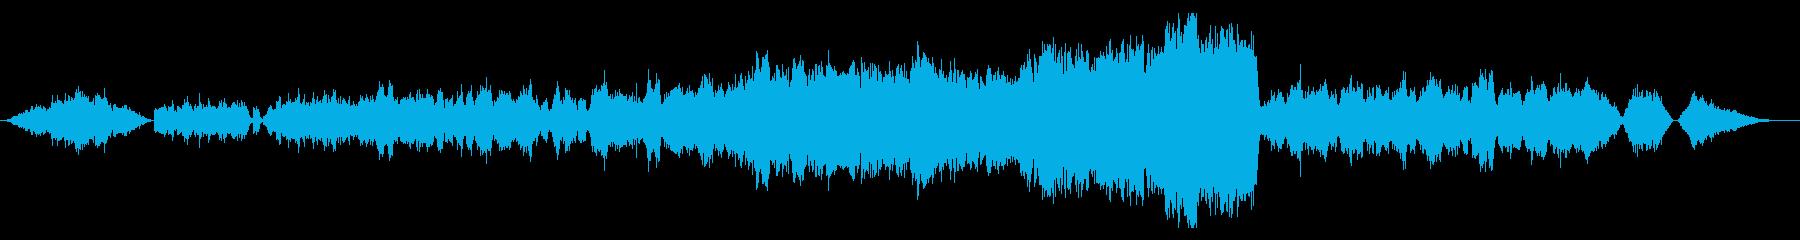 朝靄 冬 白い息 試合 フルオーケストラの再生済みの波形